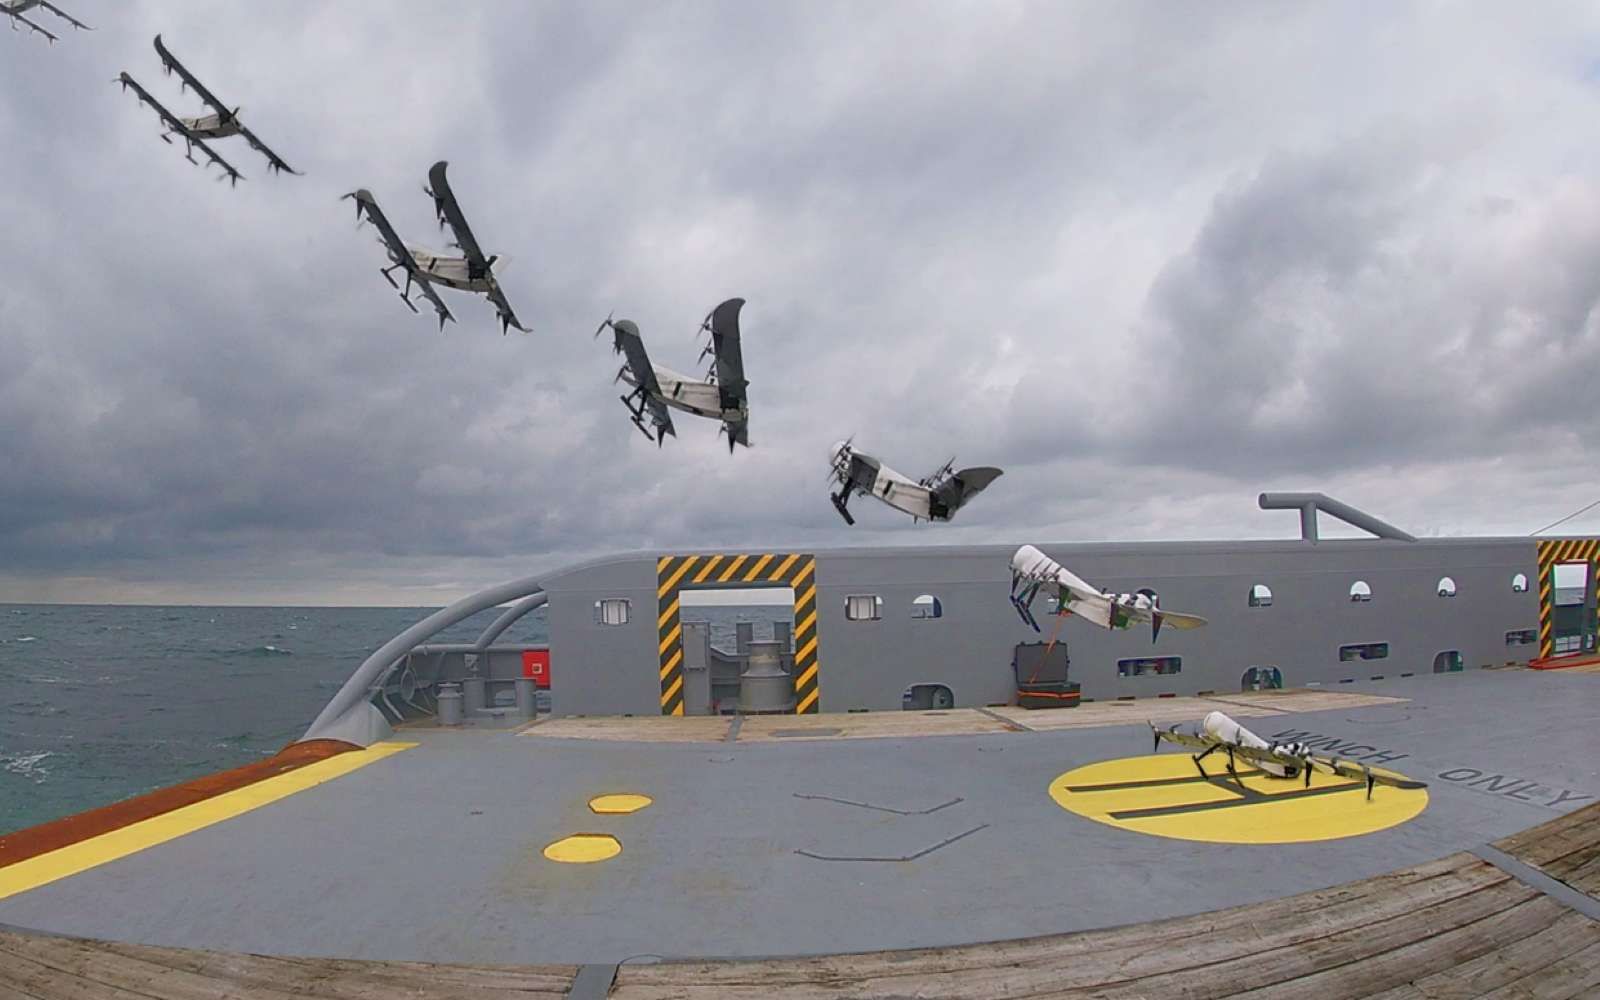 Apponter ou décoller sur un navire en mouvement est l'un des exercices les plus difficiles à réaliser avec un drone. © MAVLab TU Delft